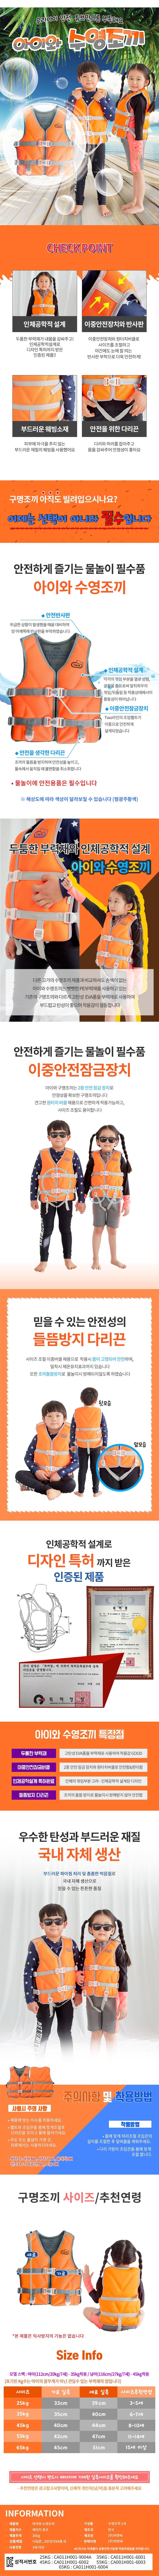 아이와 수영조끼 45kg - 우토, 40,200원, 튜브/구명조끼, 구명조끼